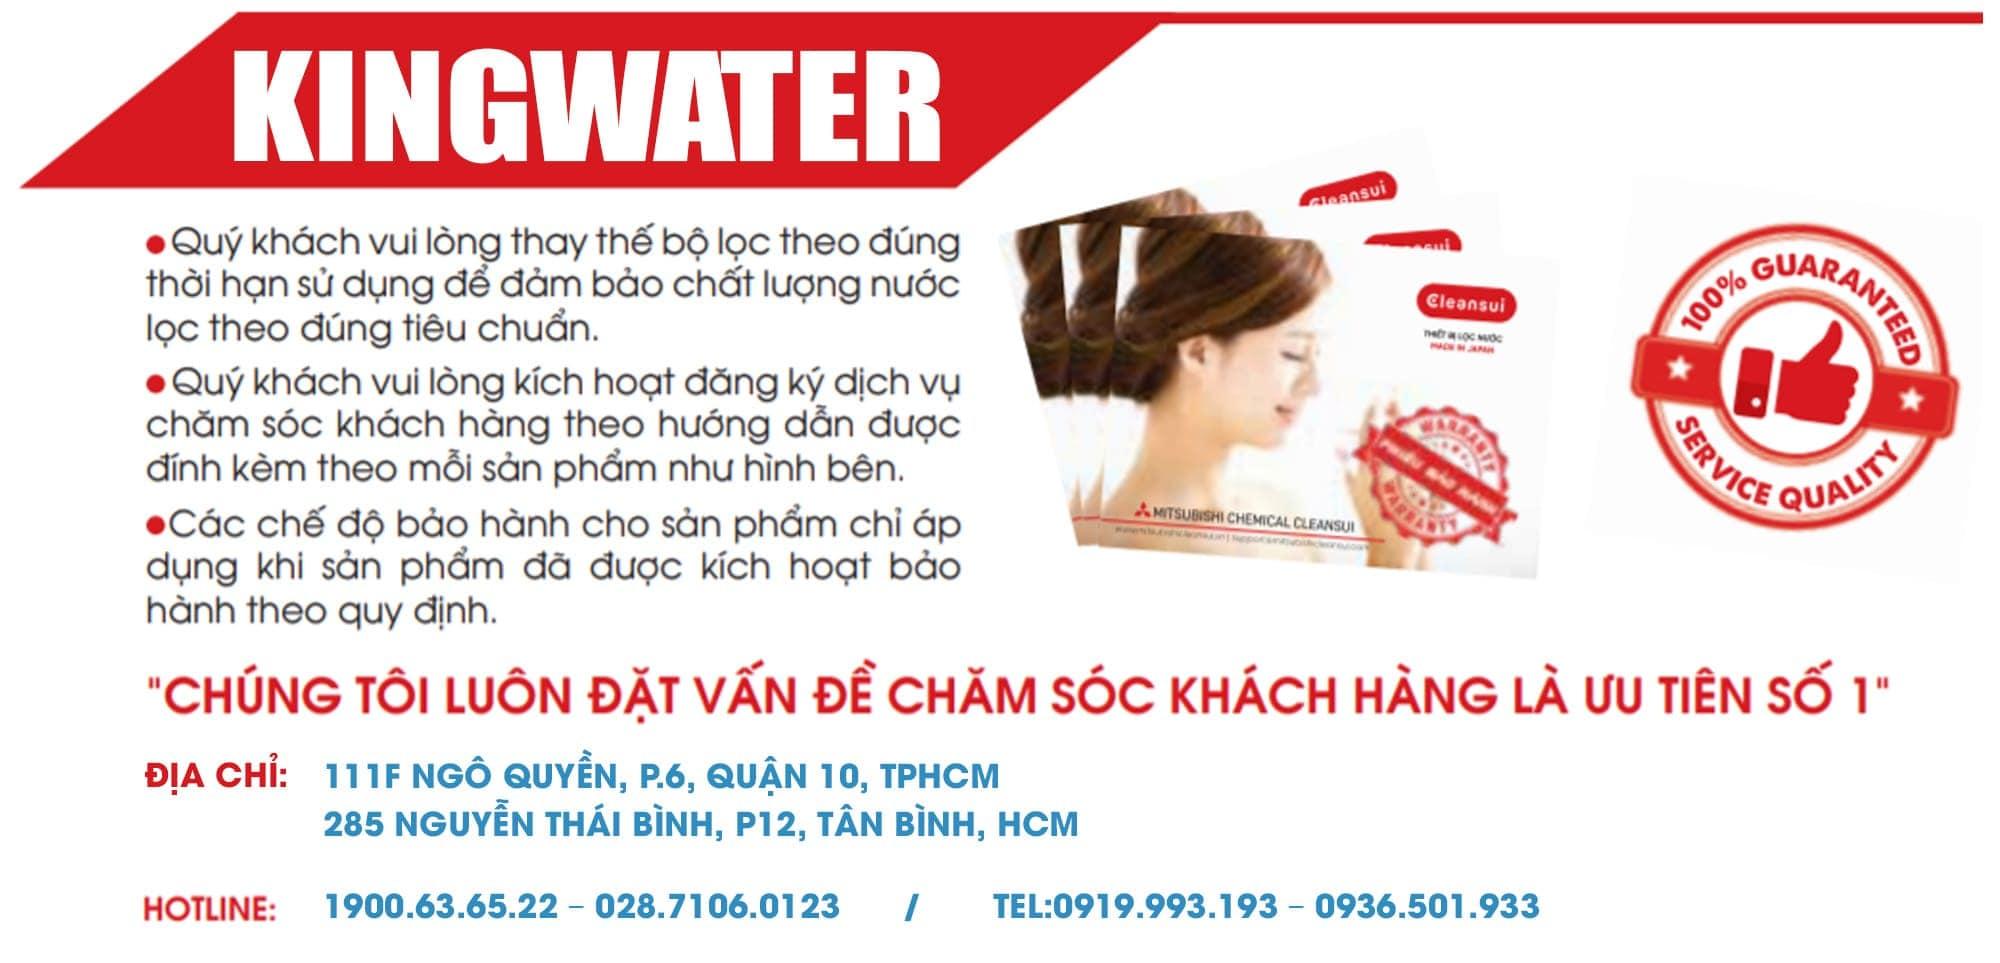 KingWater là nhà phân phối uy tín chuyên cung cấp các máy lọc nước Mitshubishi chính hãng